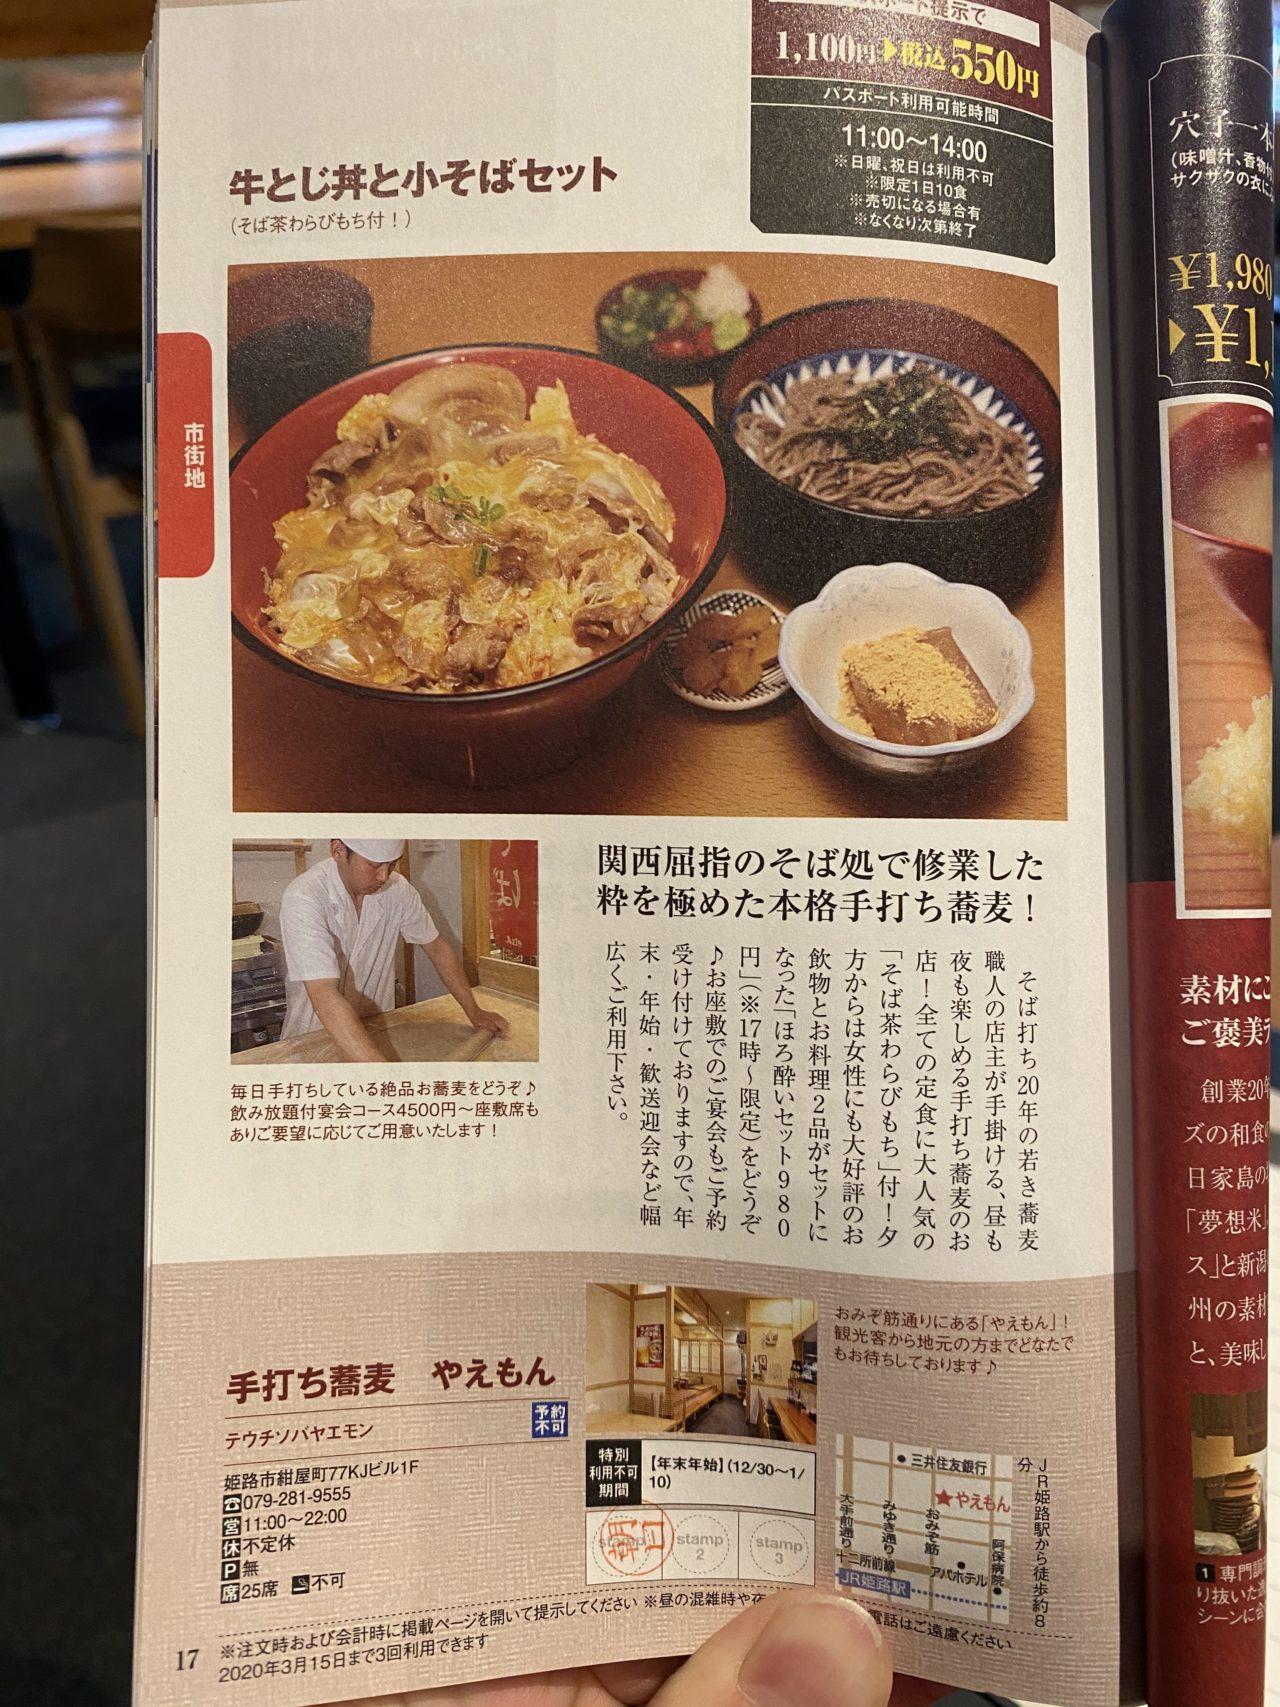 やえもんで牛とじ丼と蕎麦ランチ!蕎麦茶わらびもちがウンマ〜〜〜